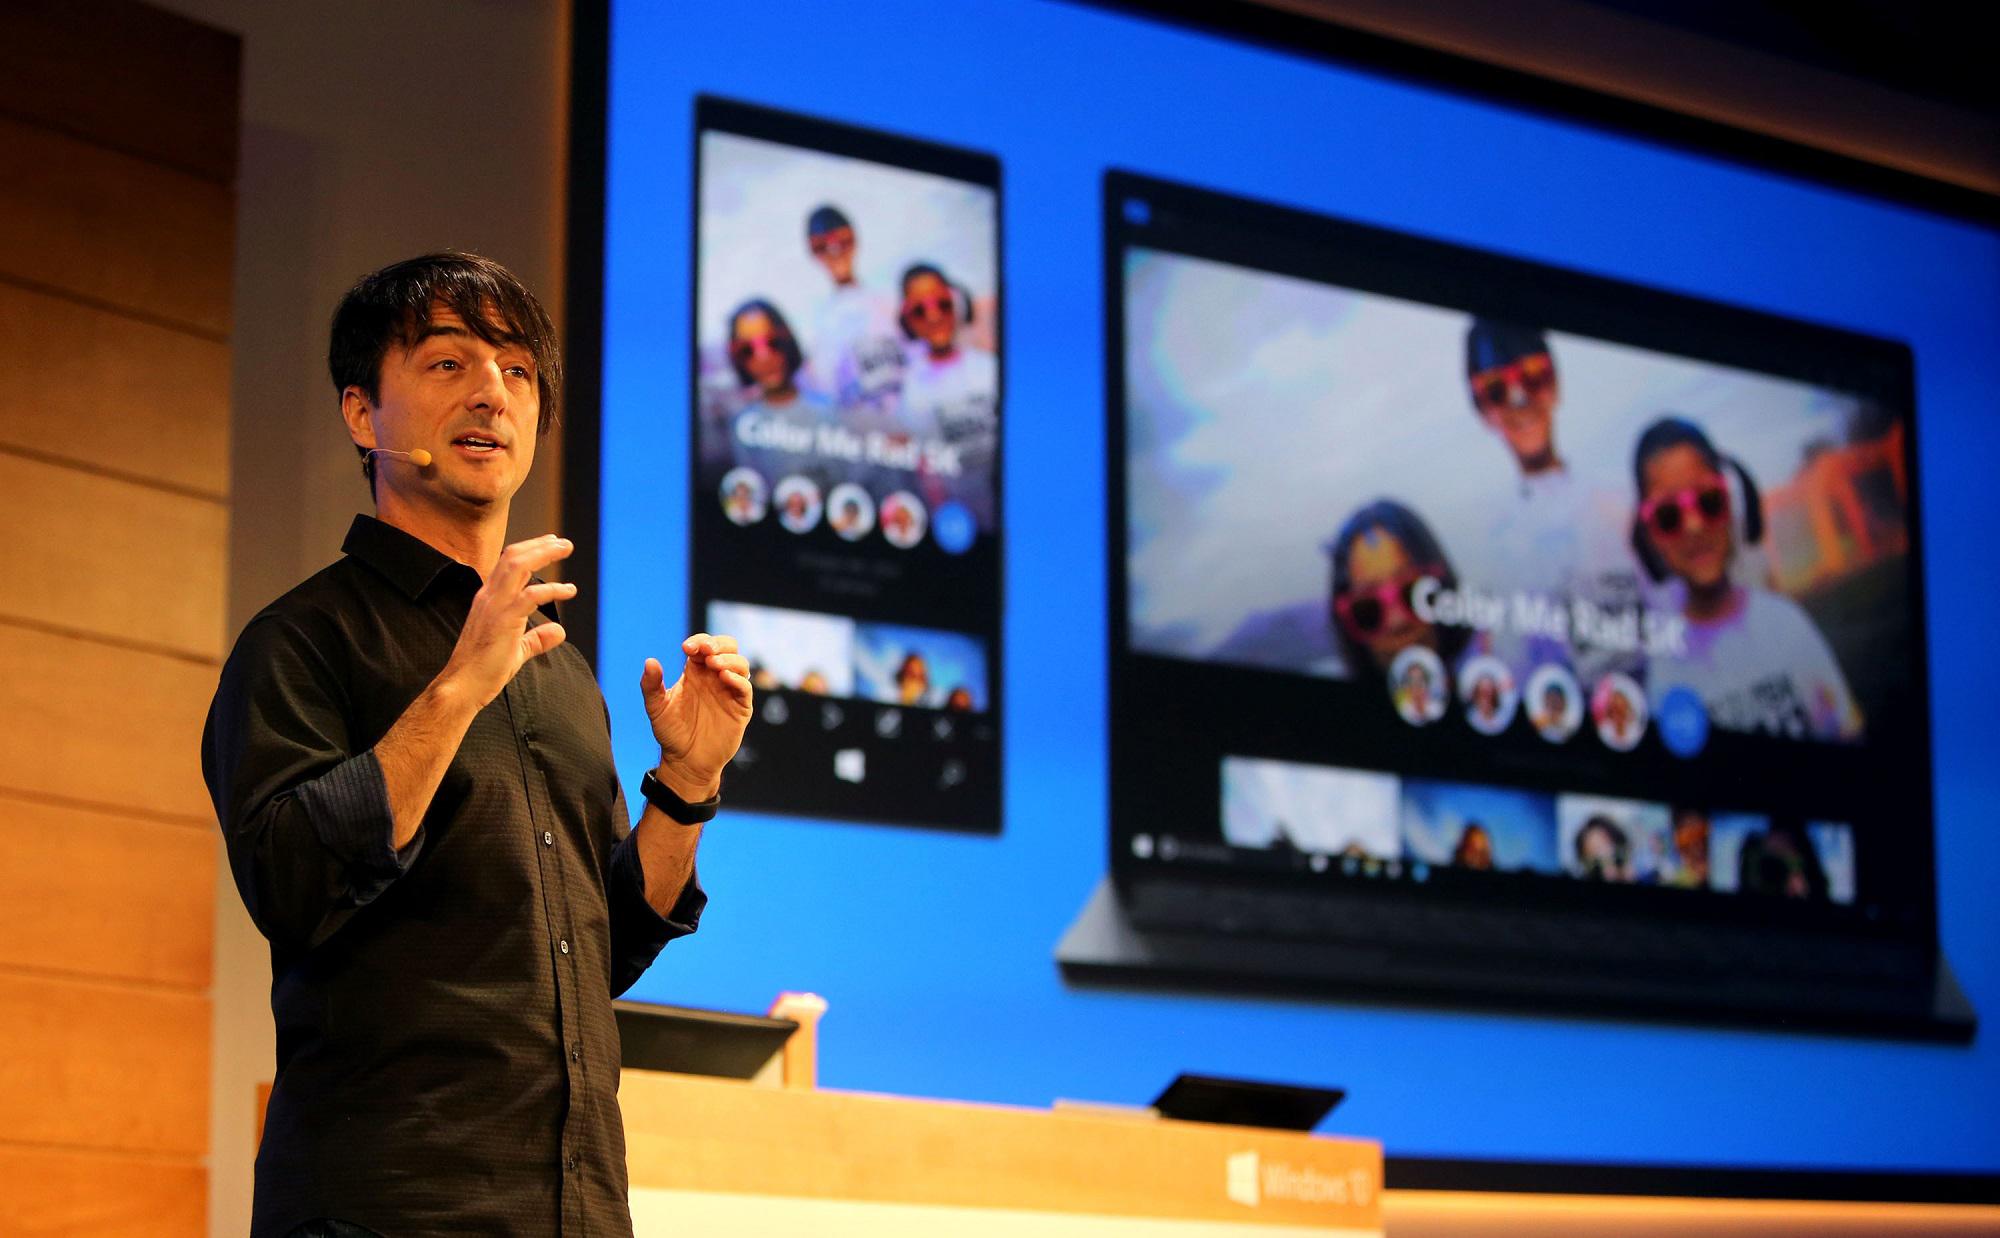 Prezentacja Windows 10 była świetna, ale i tak Microsoft po raz kolejny strzelił sobie w stopę